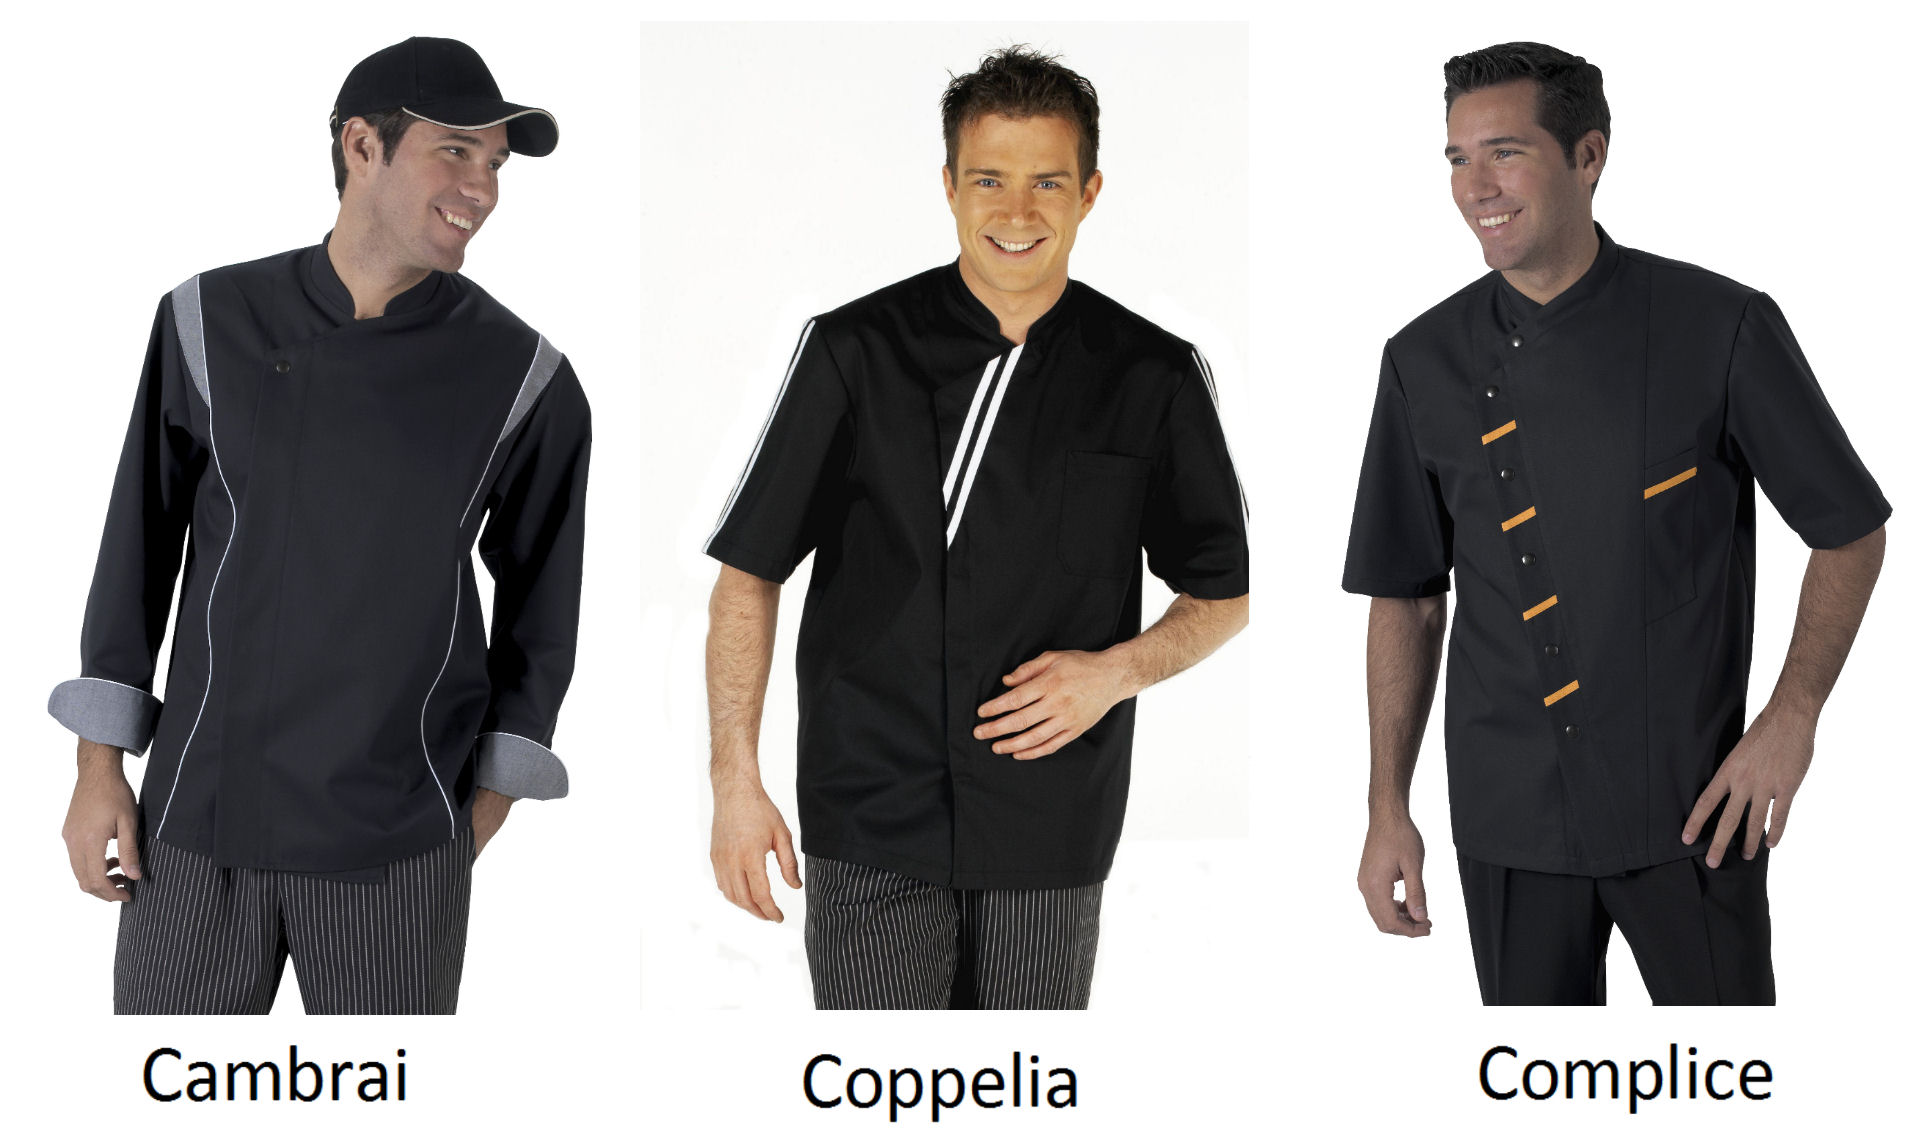 Veste de cuisine biomidi veste cuisine pizzaiolo veste de cuisine clement design - Clement veste de cuisine ...